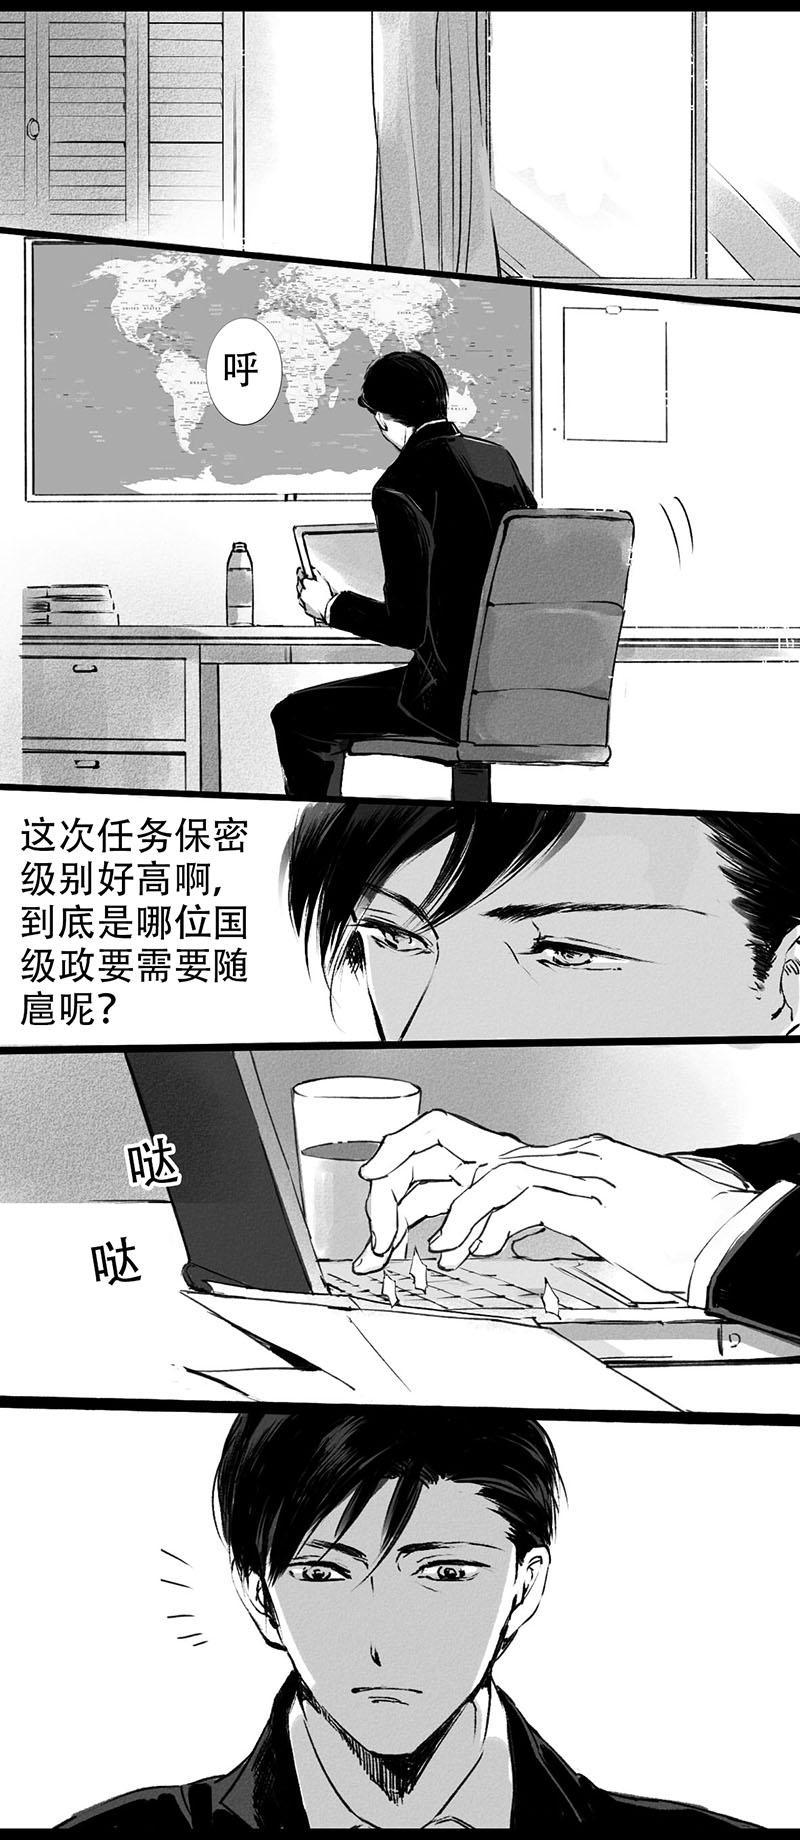 """黑龙江""""白菜房价""""曝光后 贵州老师询价称想来避暑"""